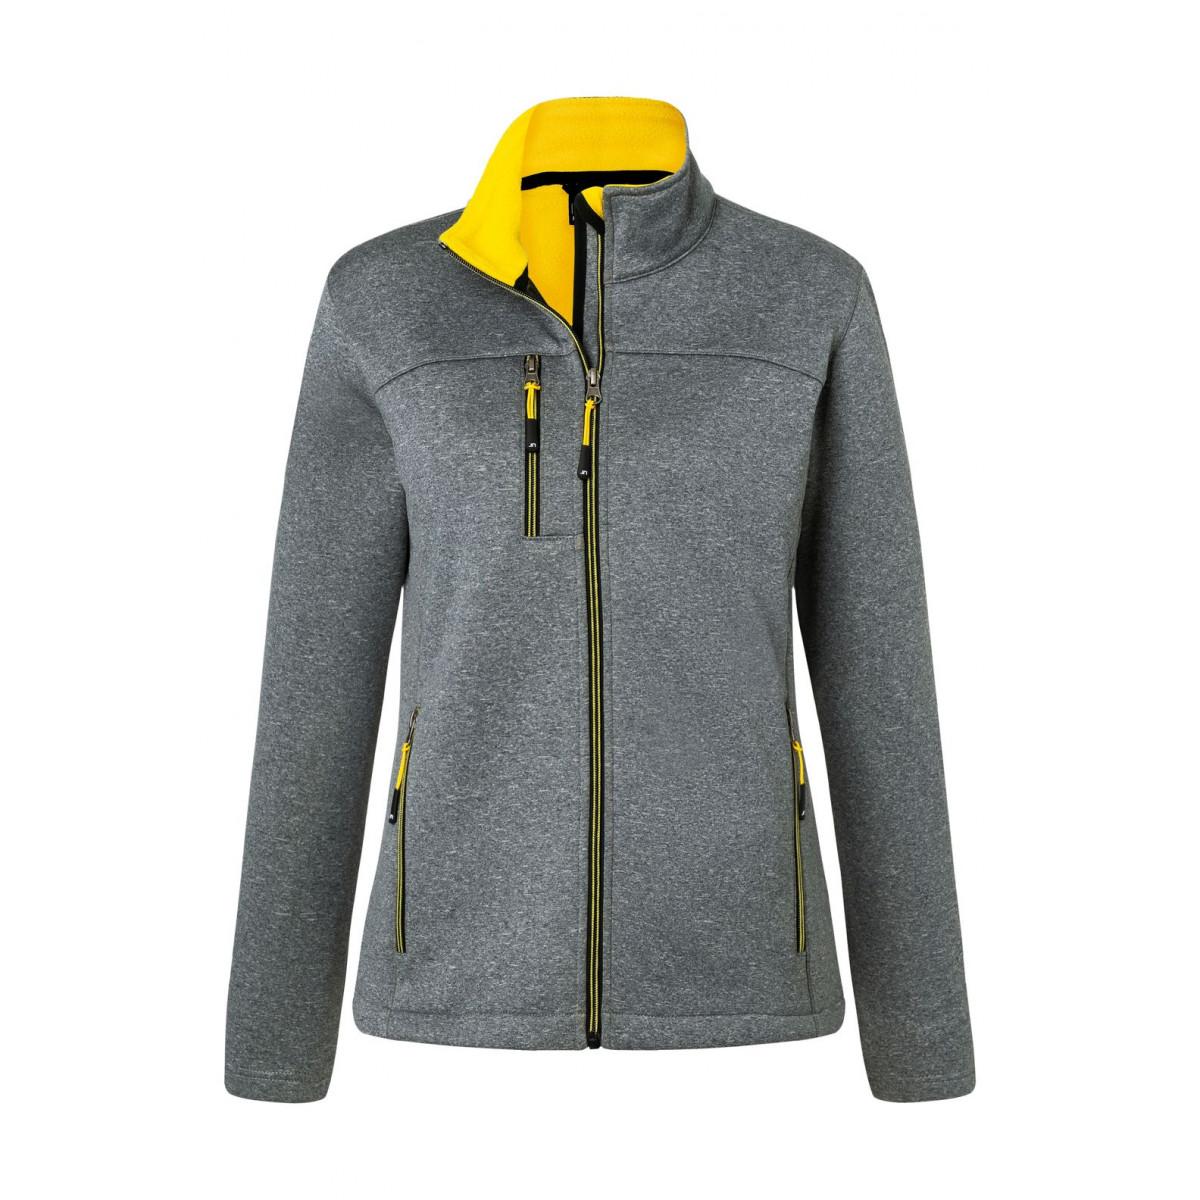 Куртка женская JN1147 Ladies Softshell Jacket - Темно-серый меланж/Желтый